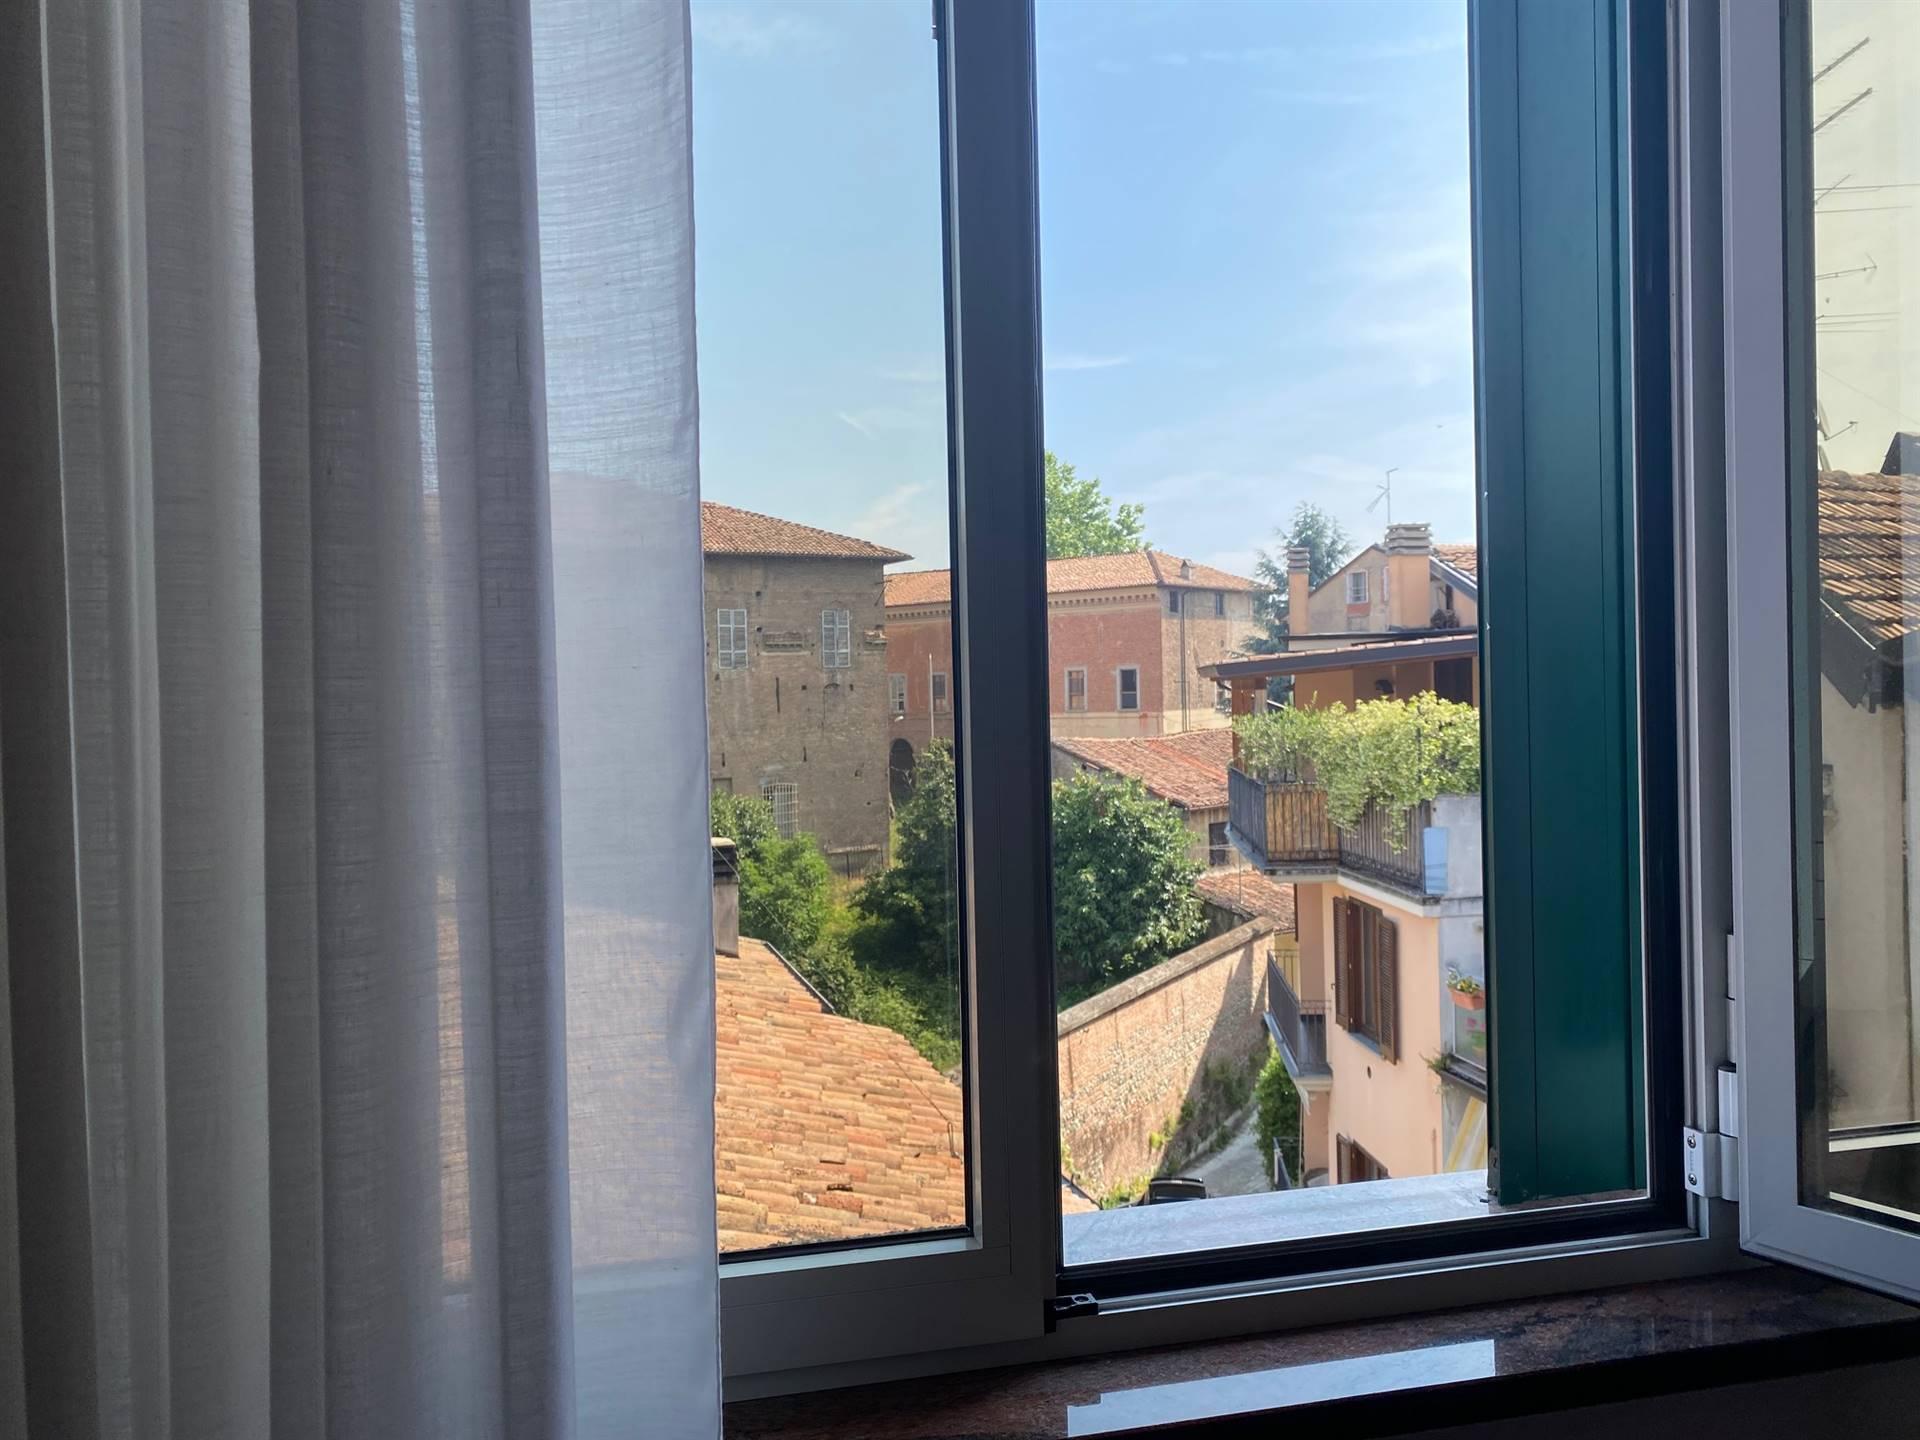 Attico / Mansarda in vendita a Piacenza, 2 locali, zona ro storico, prezzo € 115.000 | PortaleAgenzieImmobiliari.it